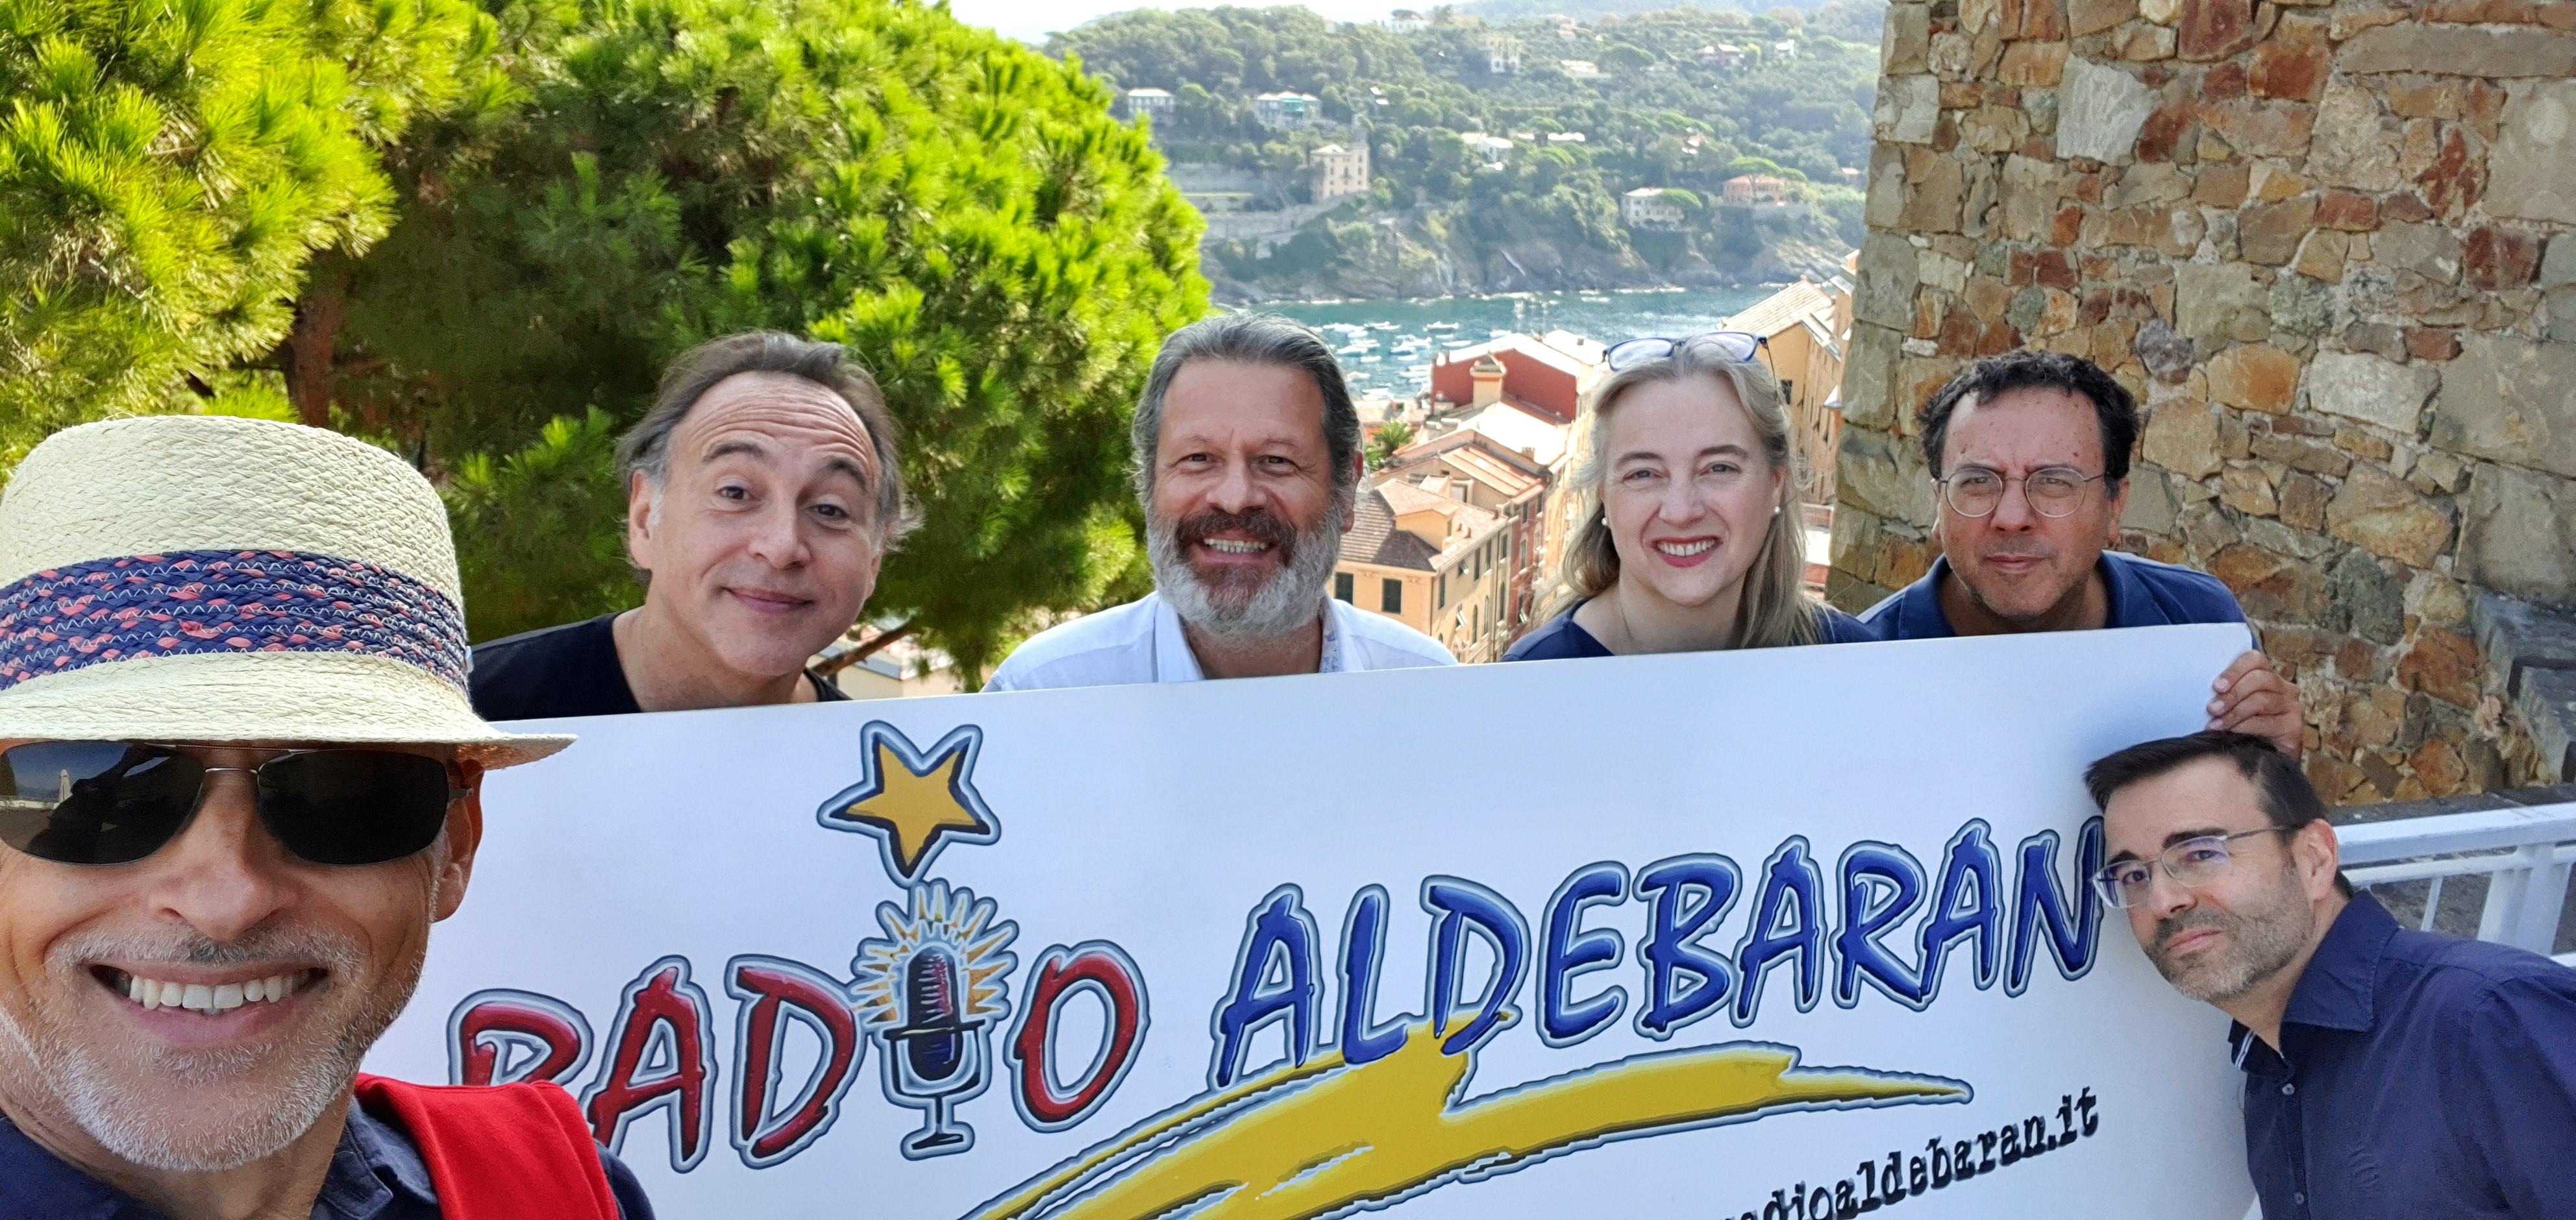 Aldebaran 3 - Radio locali. Liguria: Radio Aldebaran, punto di riferimento nel Levante, compie 40 anni e organizza una lunga serie di iniziative, con tutti i suoi conduttori negli anni